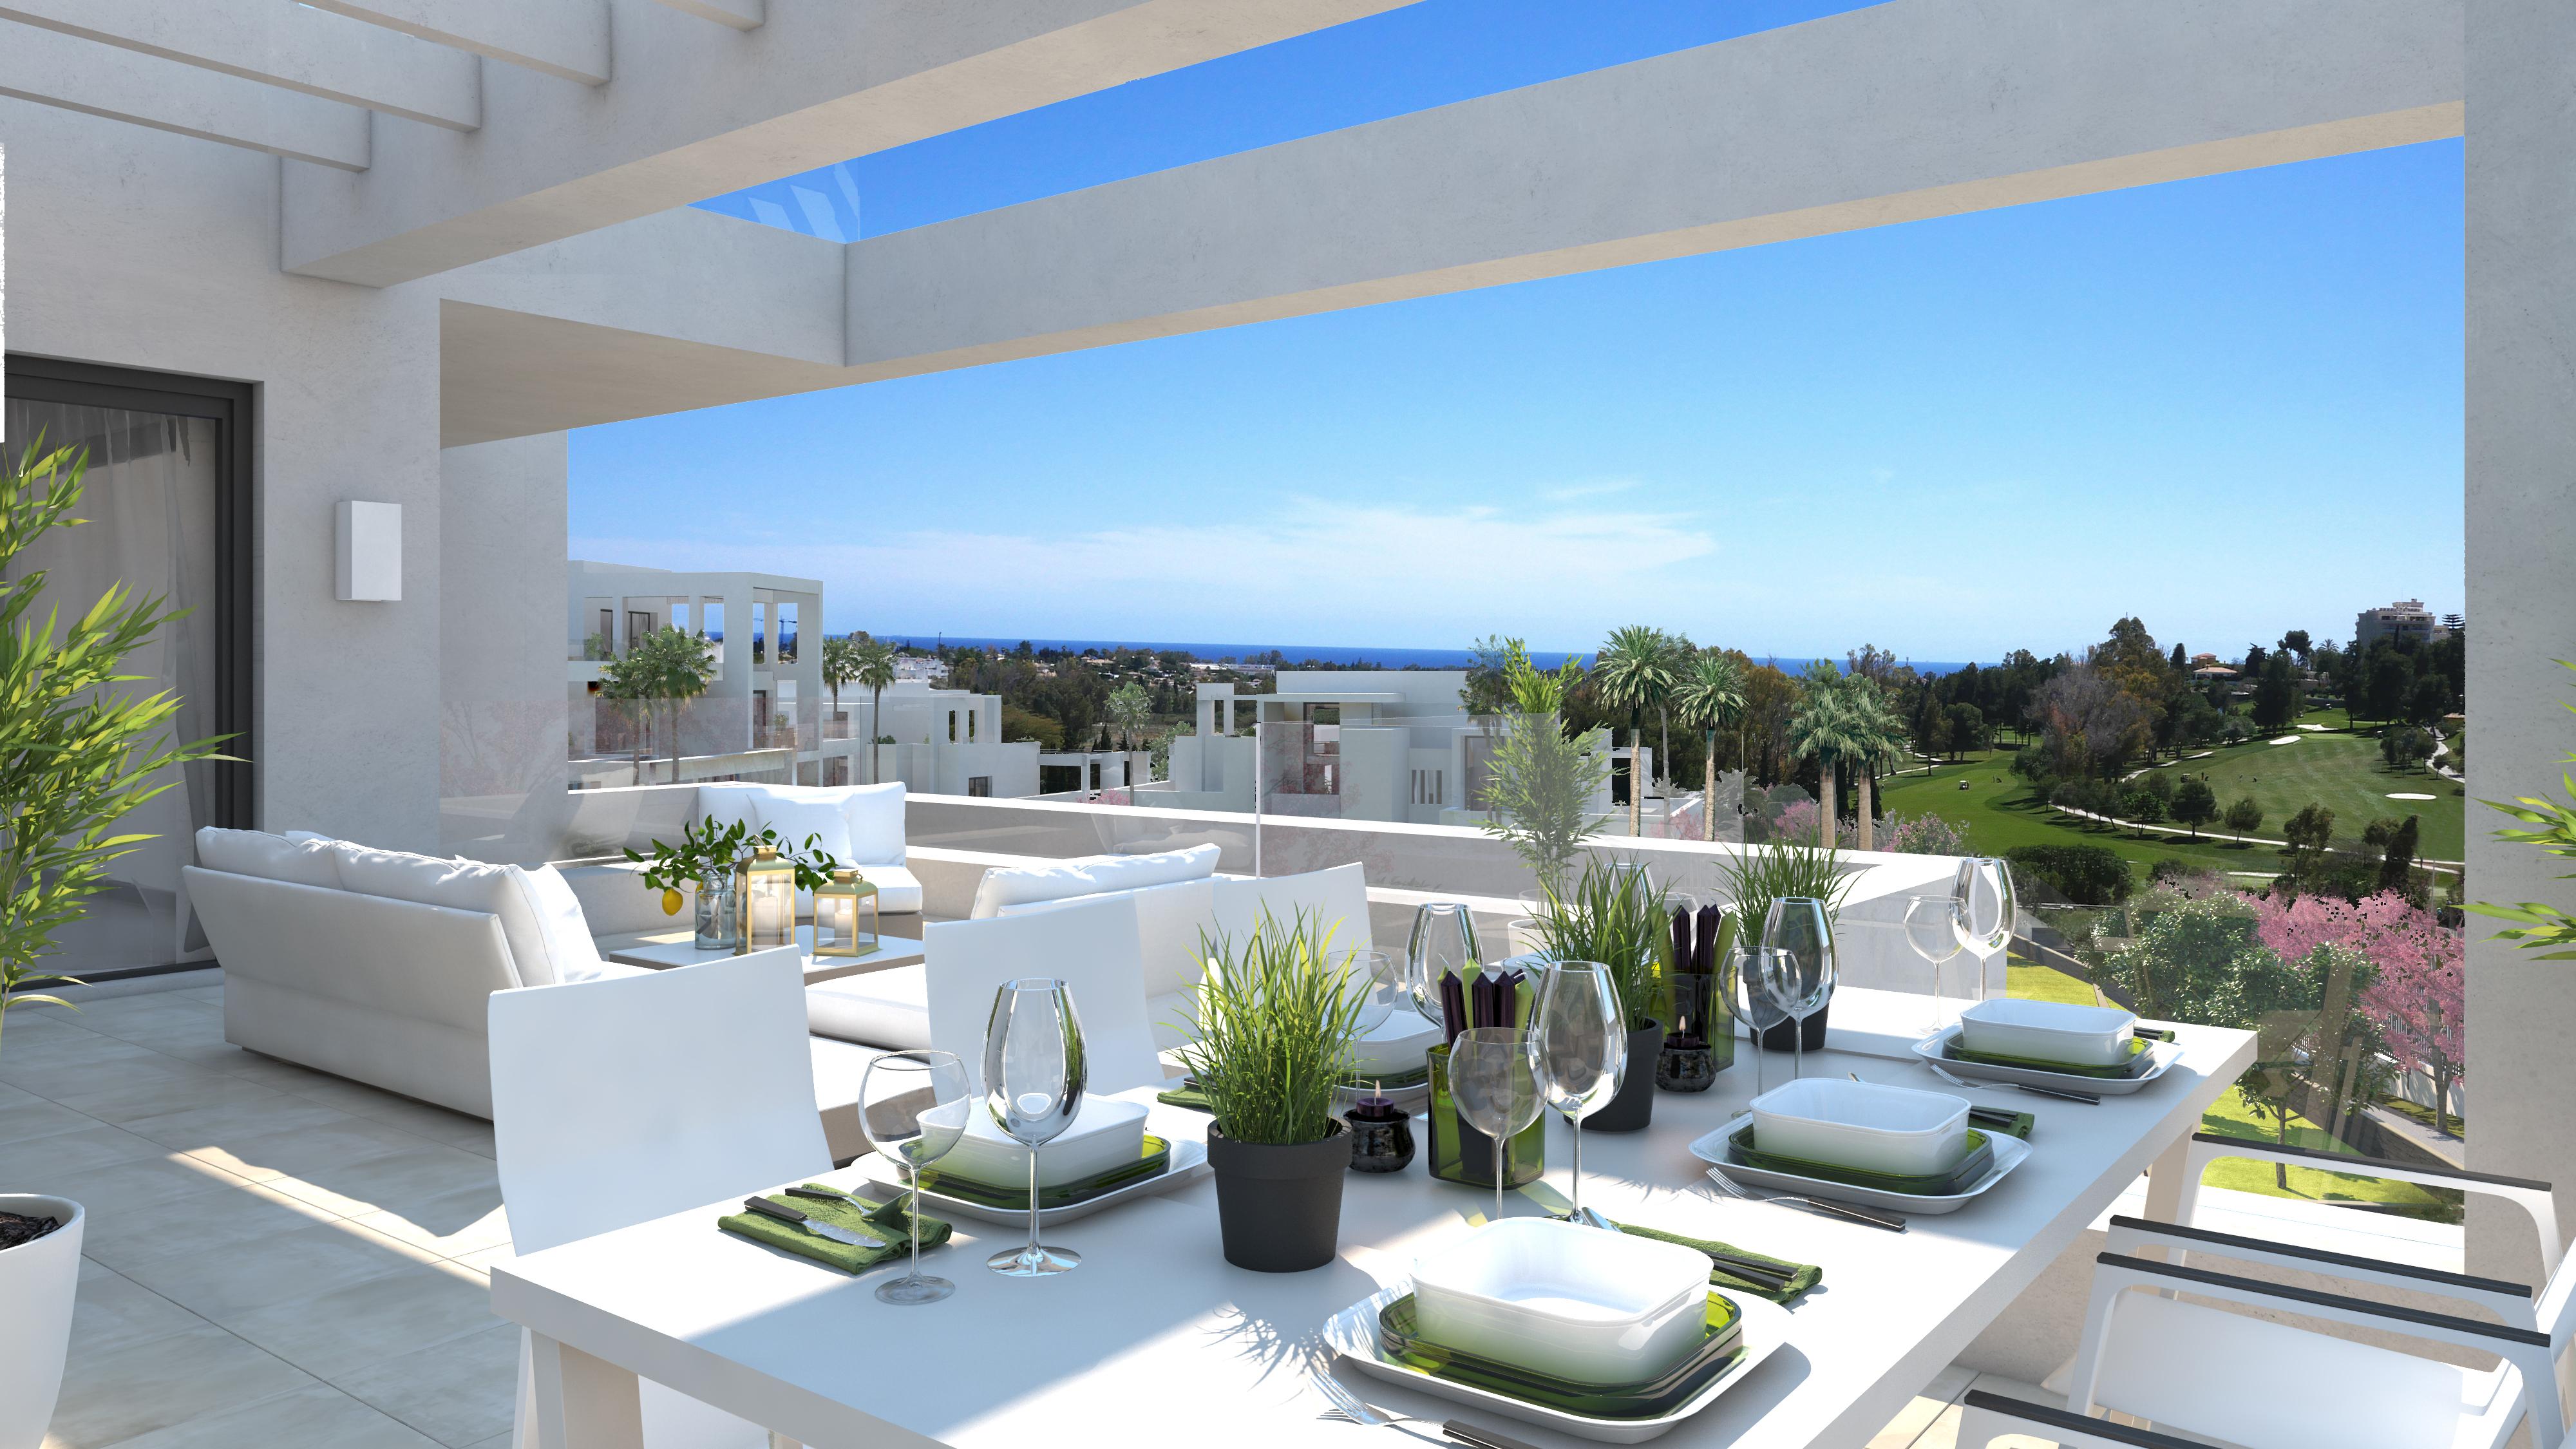 Contemporary apartments in Las Terrazas de Atalaya between Marbella and Estepona